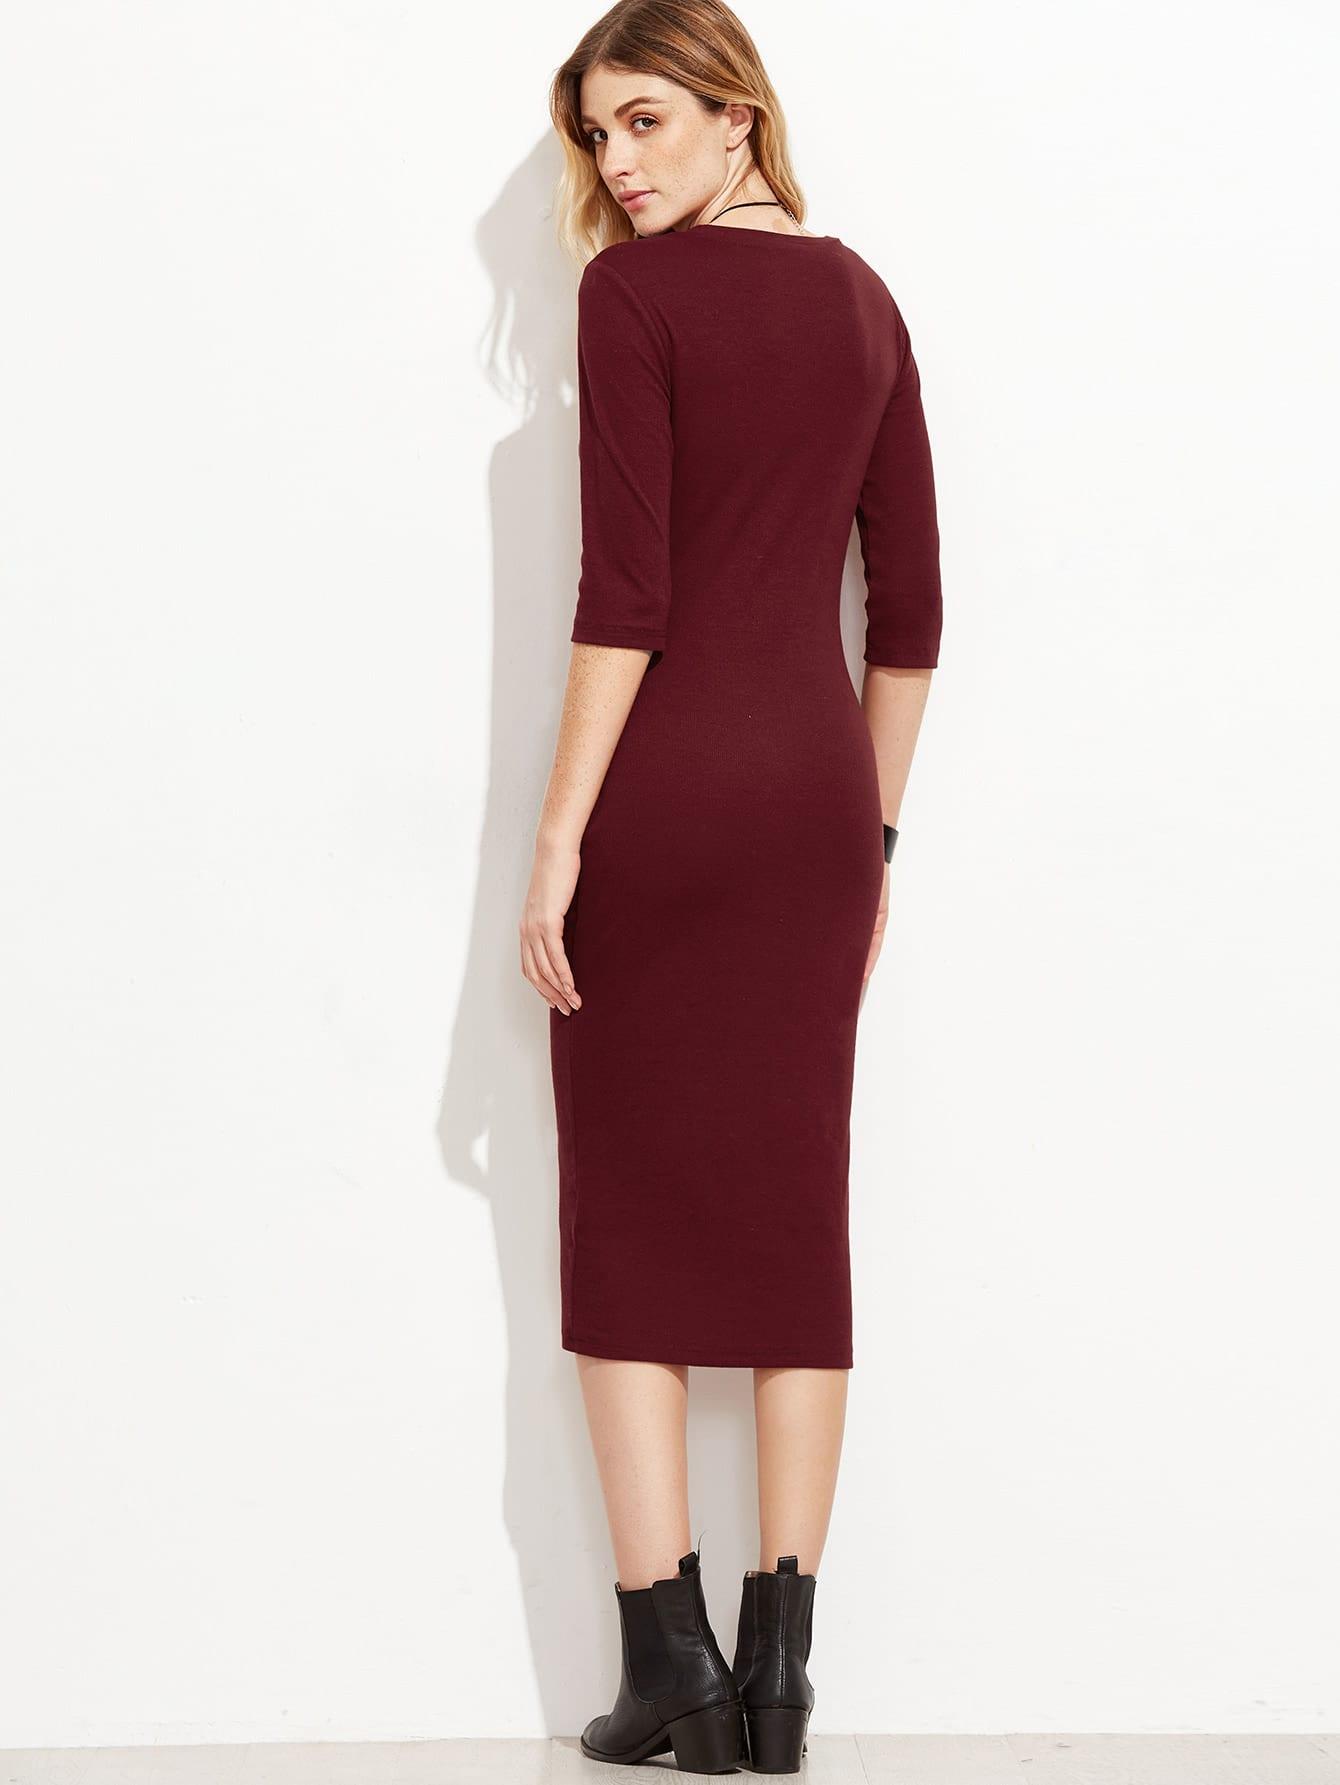 dress161010708_2